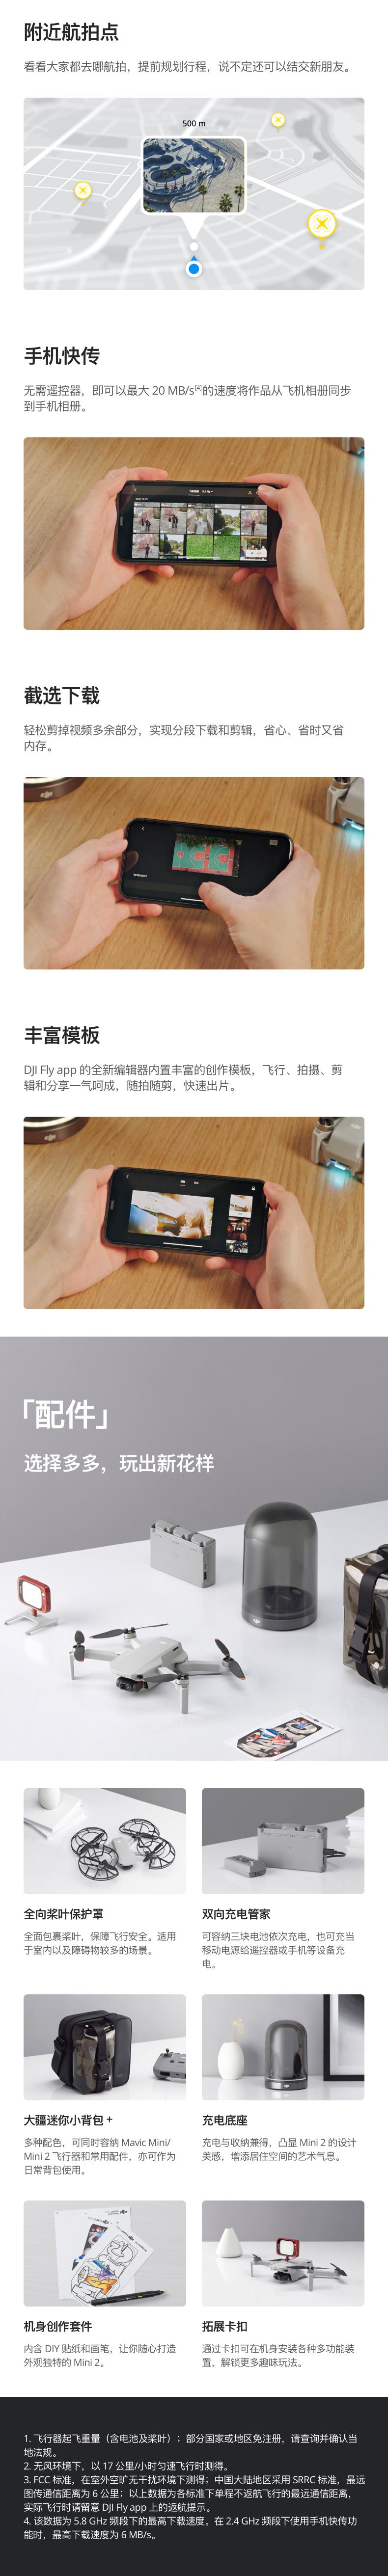 DJI Mini 2免费试用,评测